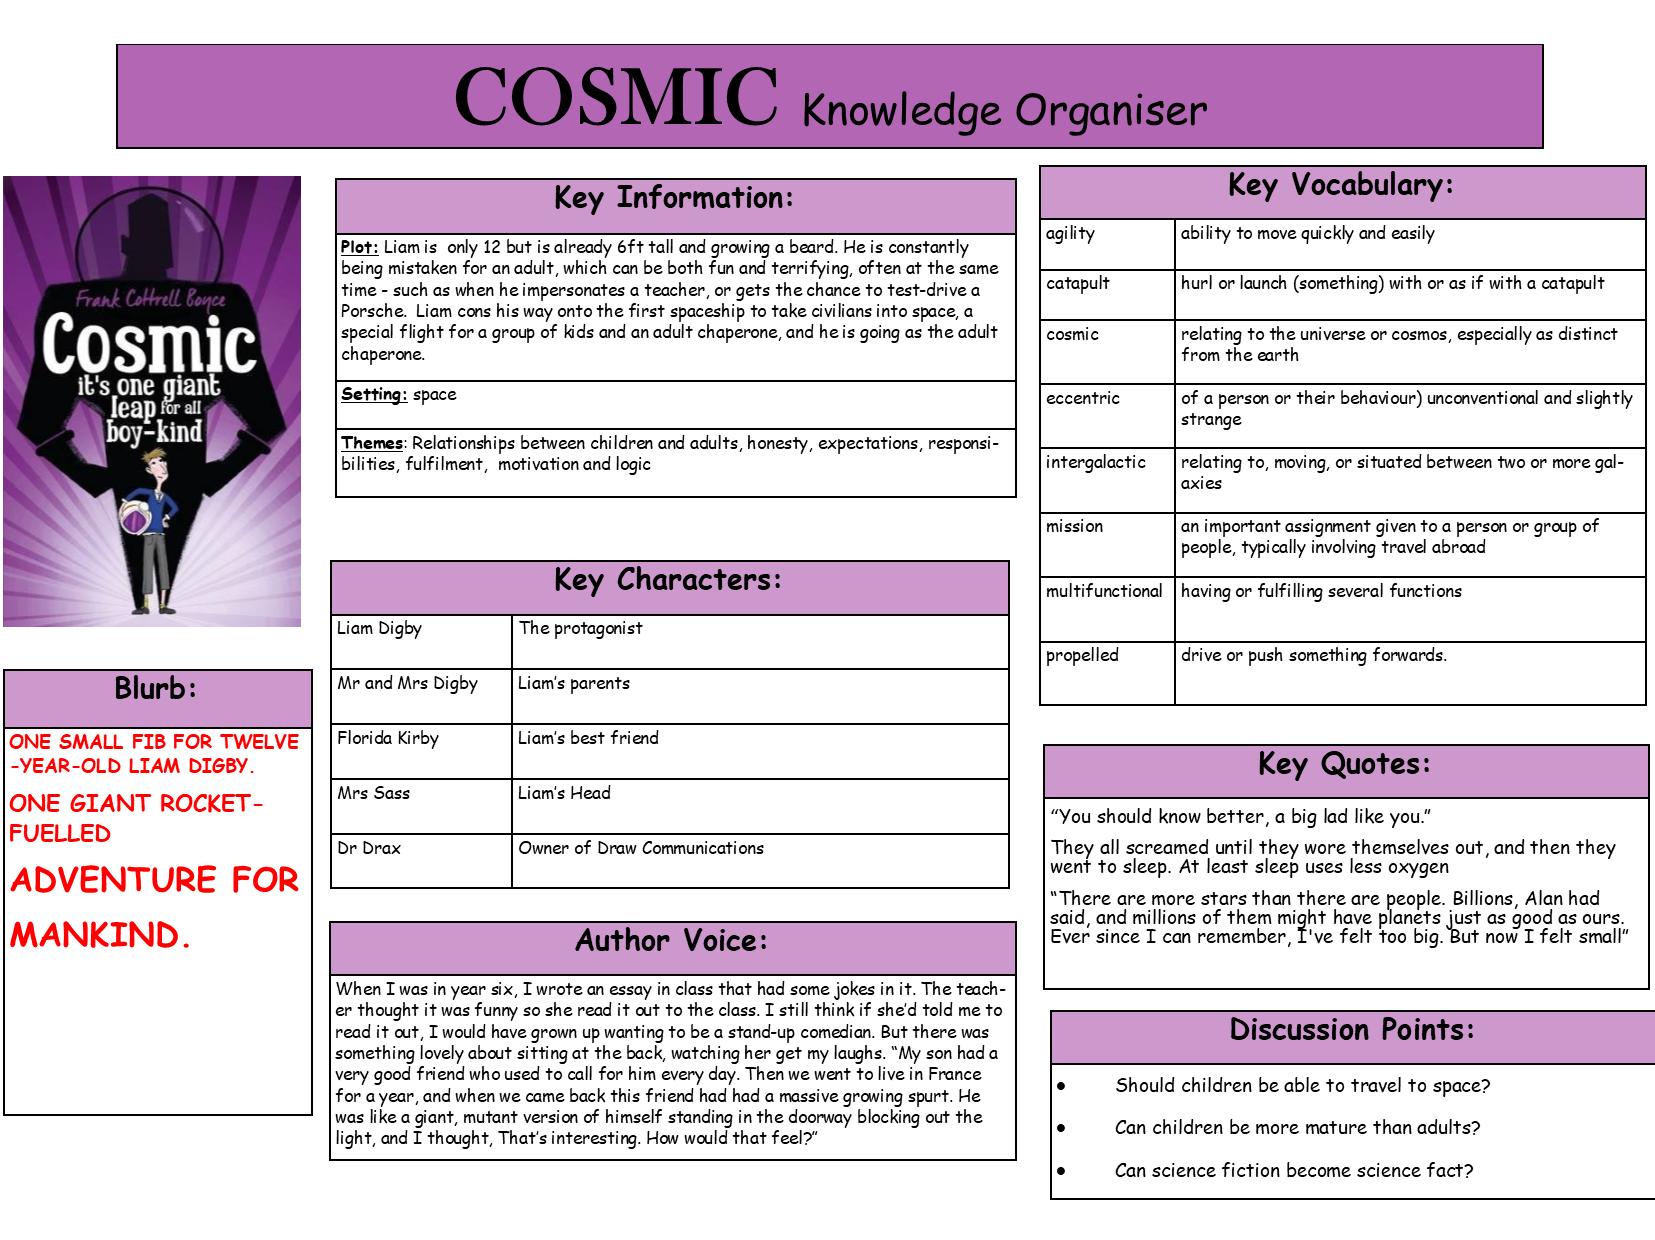 Cosmic Knowledge Organiser